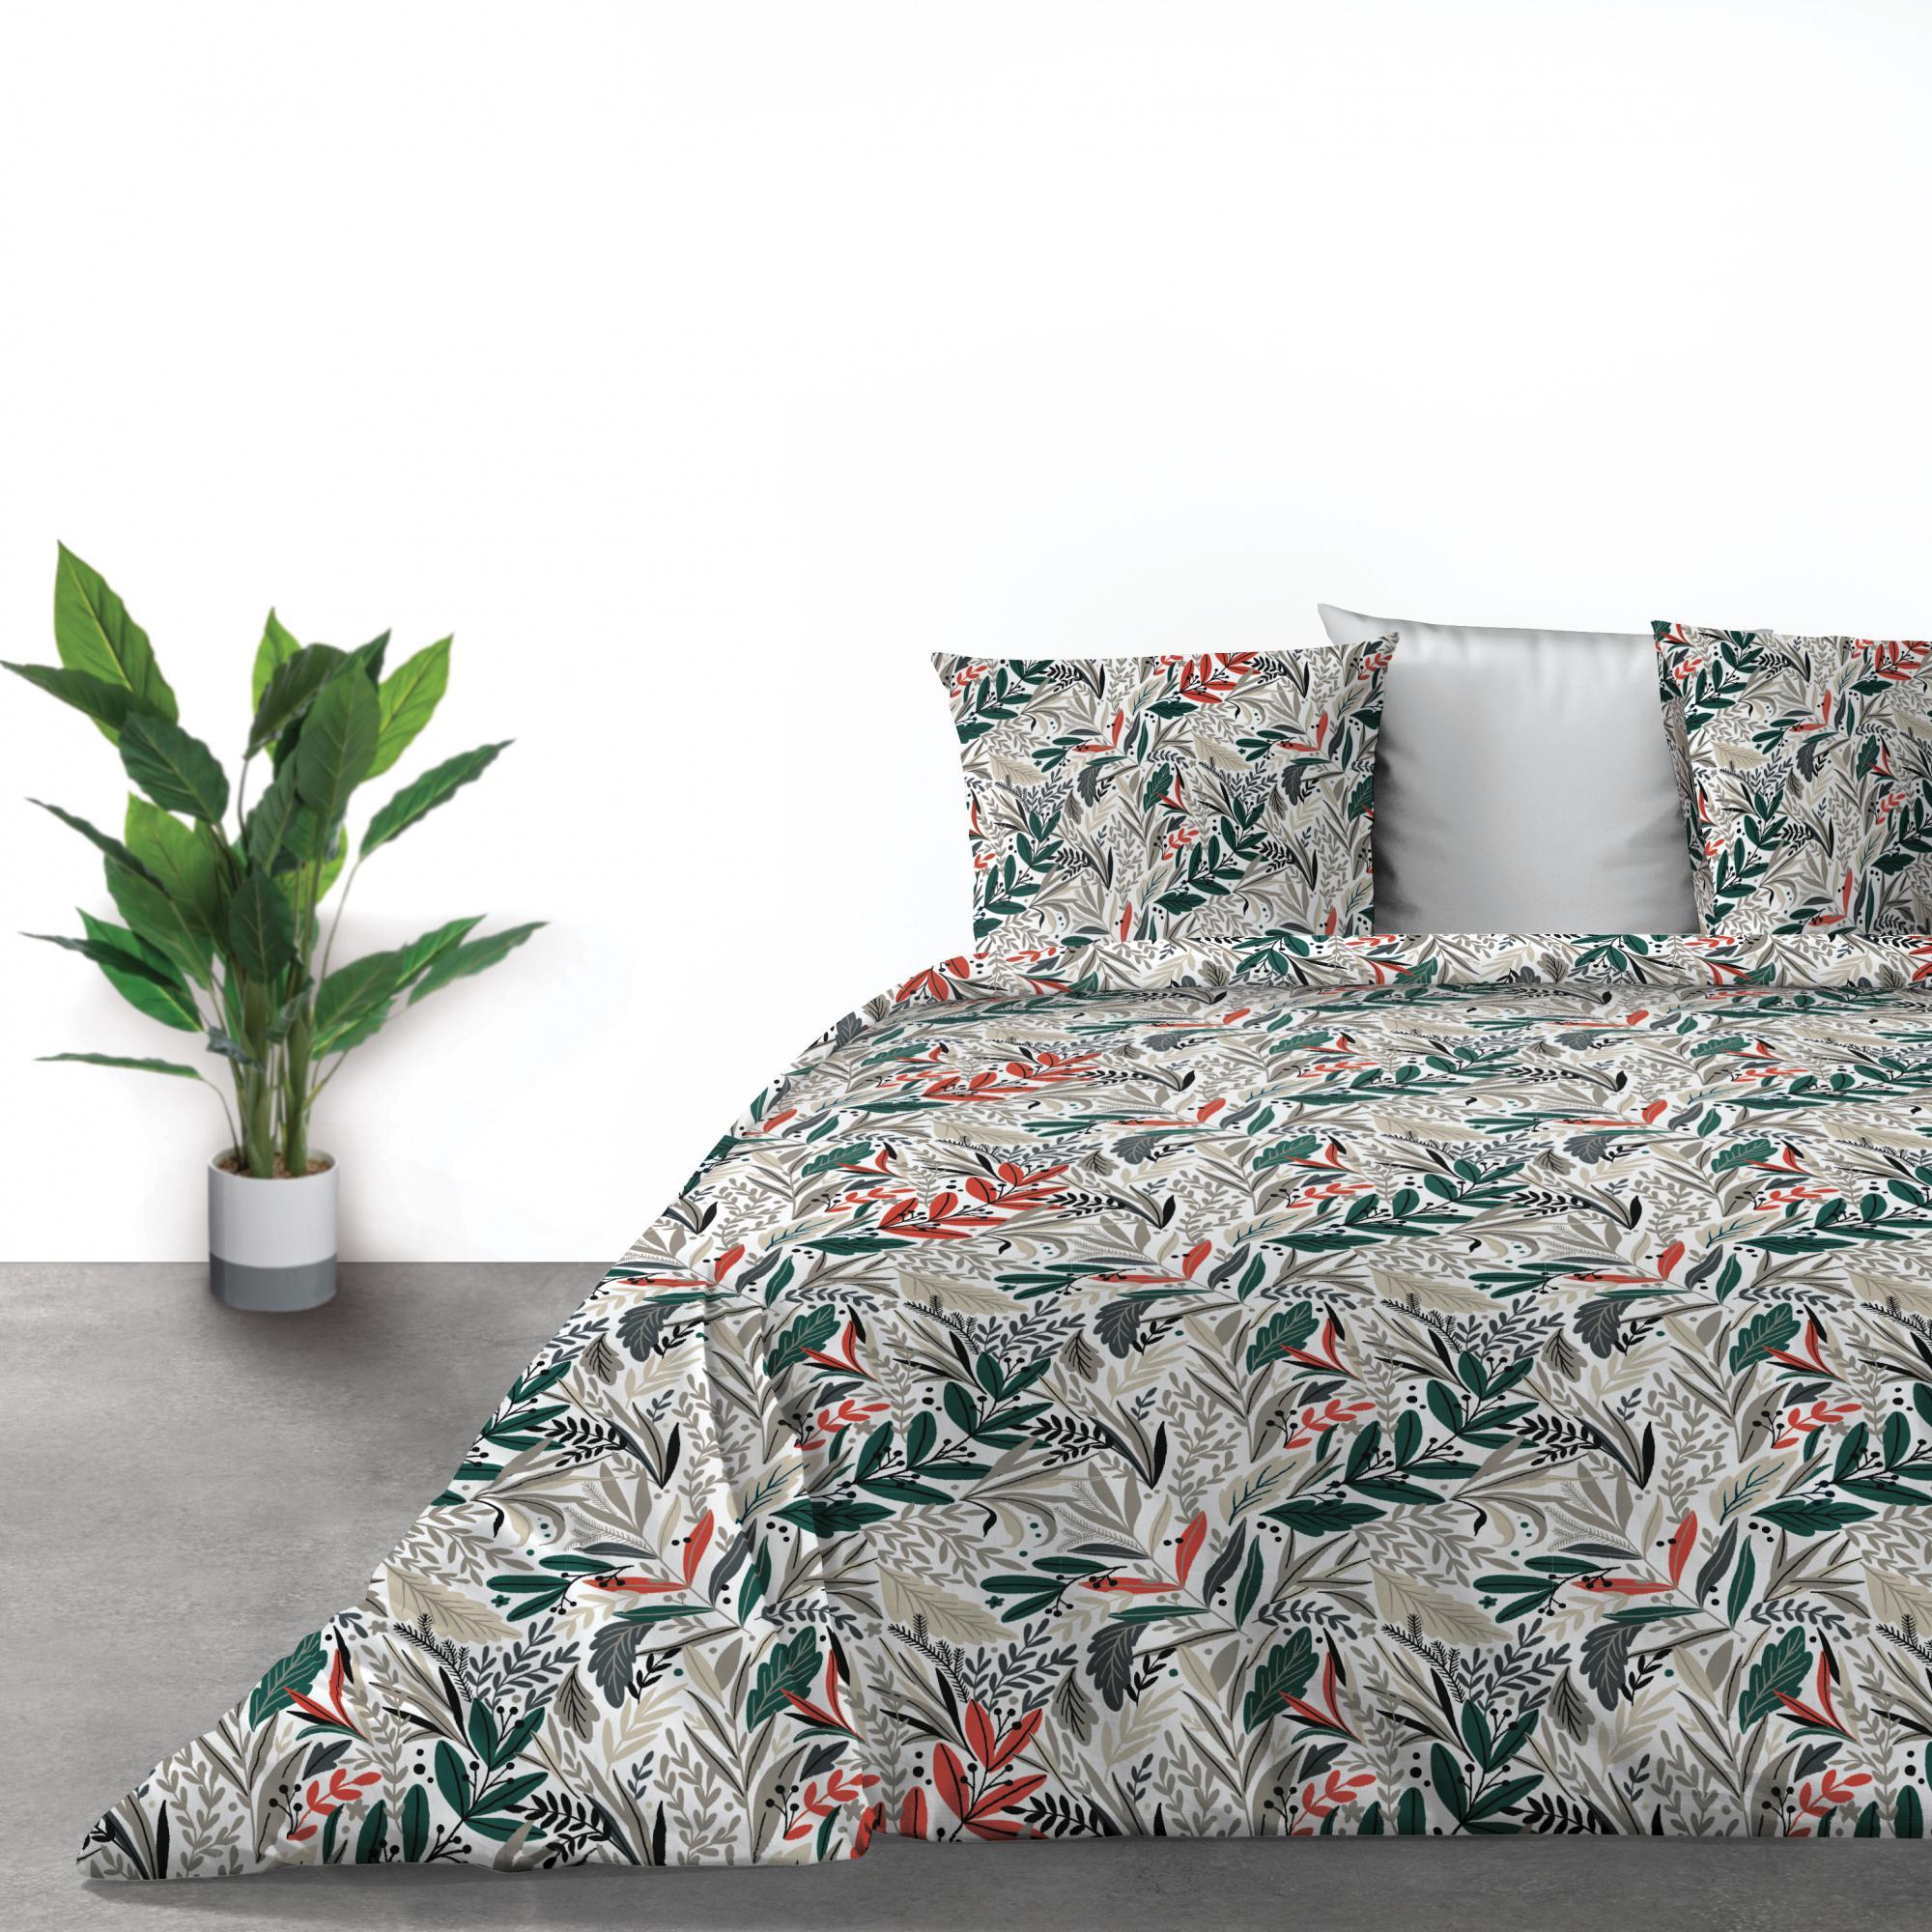 Parure de lit 2 personnes Luziola avec housse de couette et taies d'oreiller imprimé 240 x 260